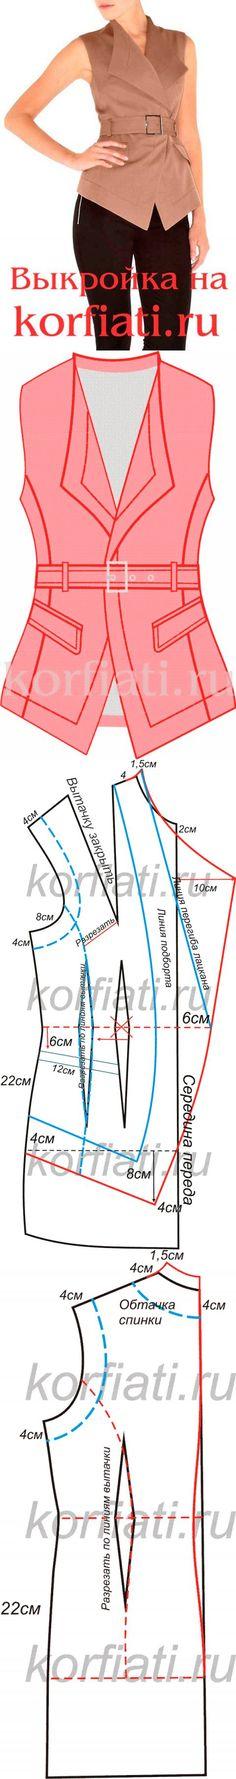 Как сшить жилет - выкройка от Анастасии Корфиати...<3 Deniz <3